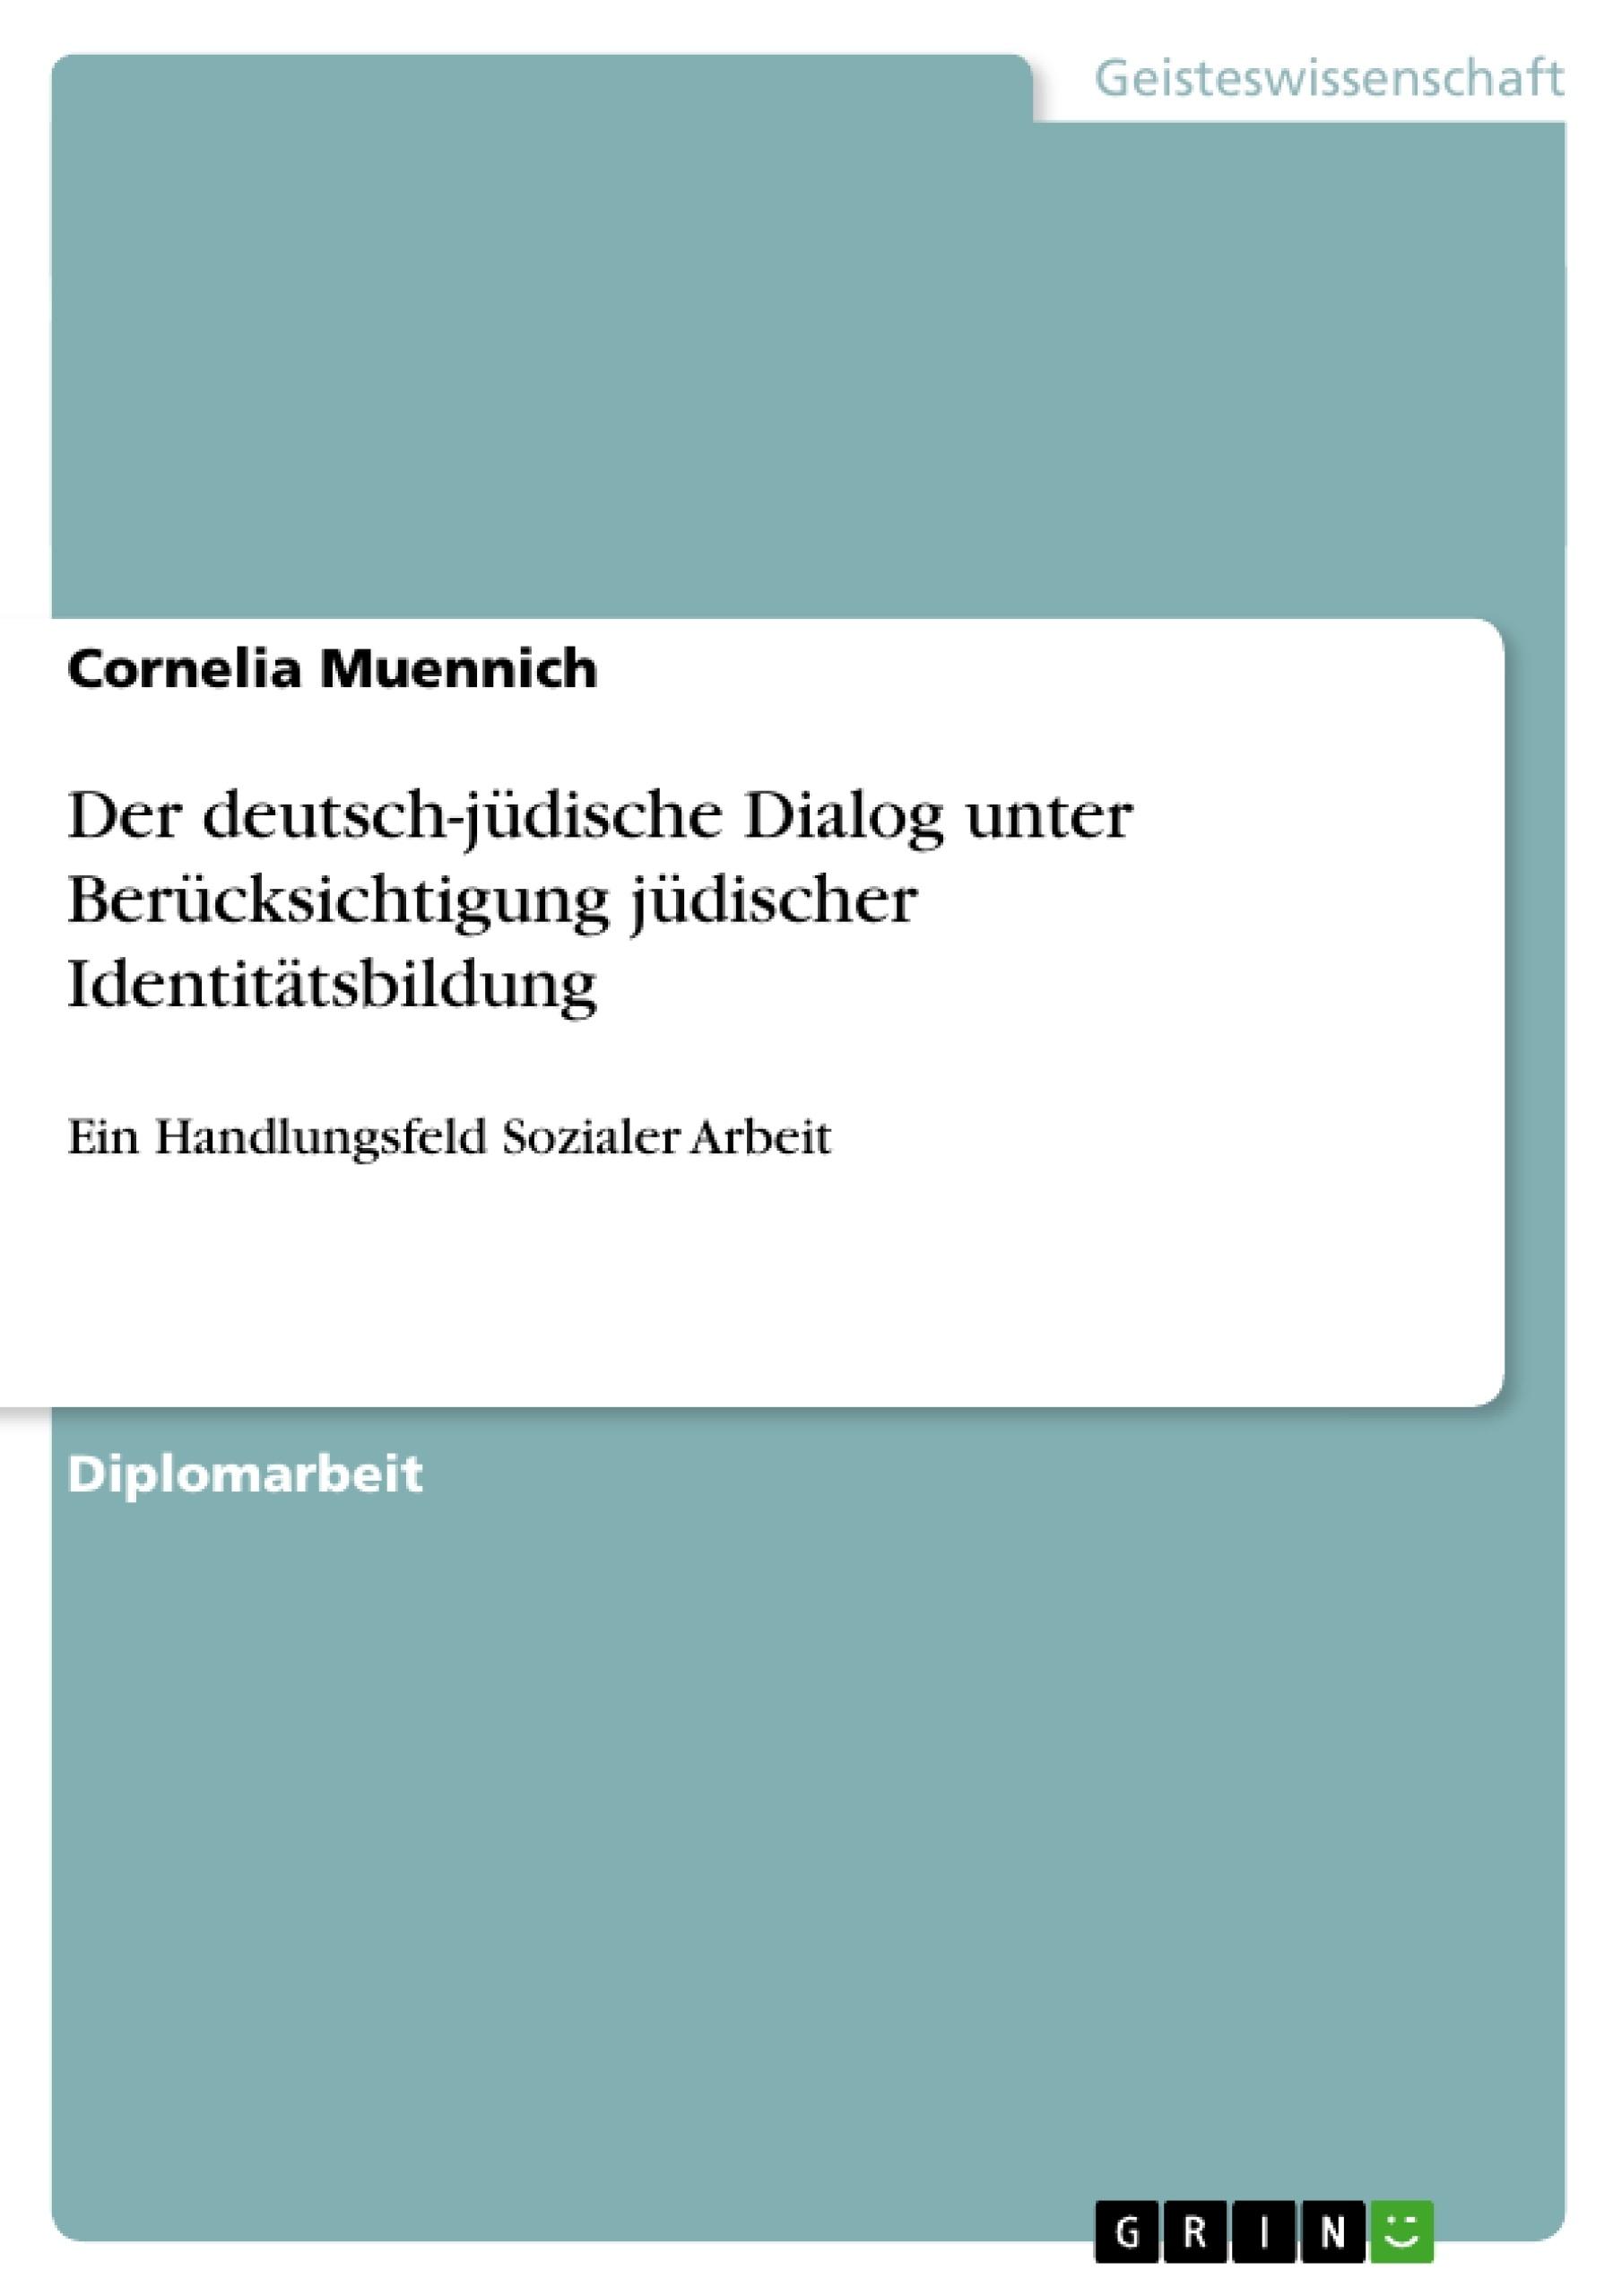 Titel: Der deutsch-jüdische Dialog unter Berücksichtigung jüdischer Identitätsbildung